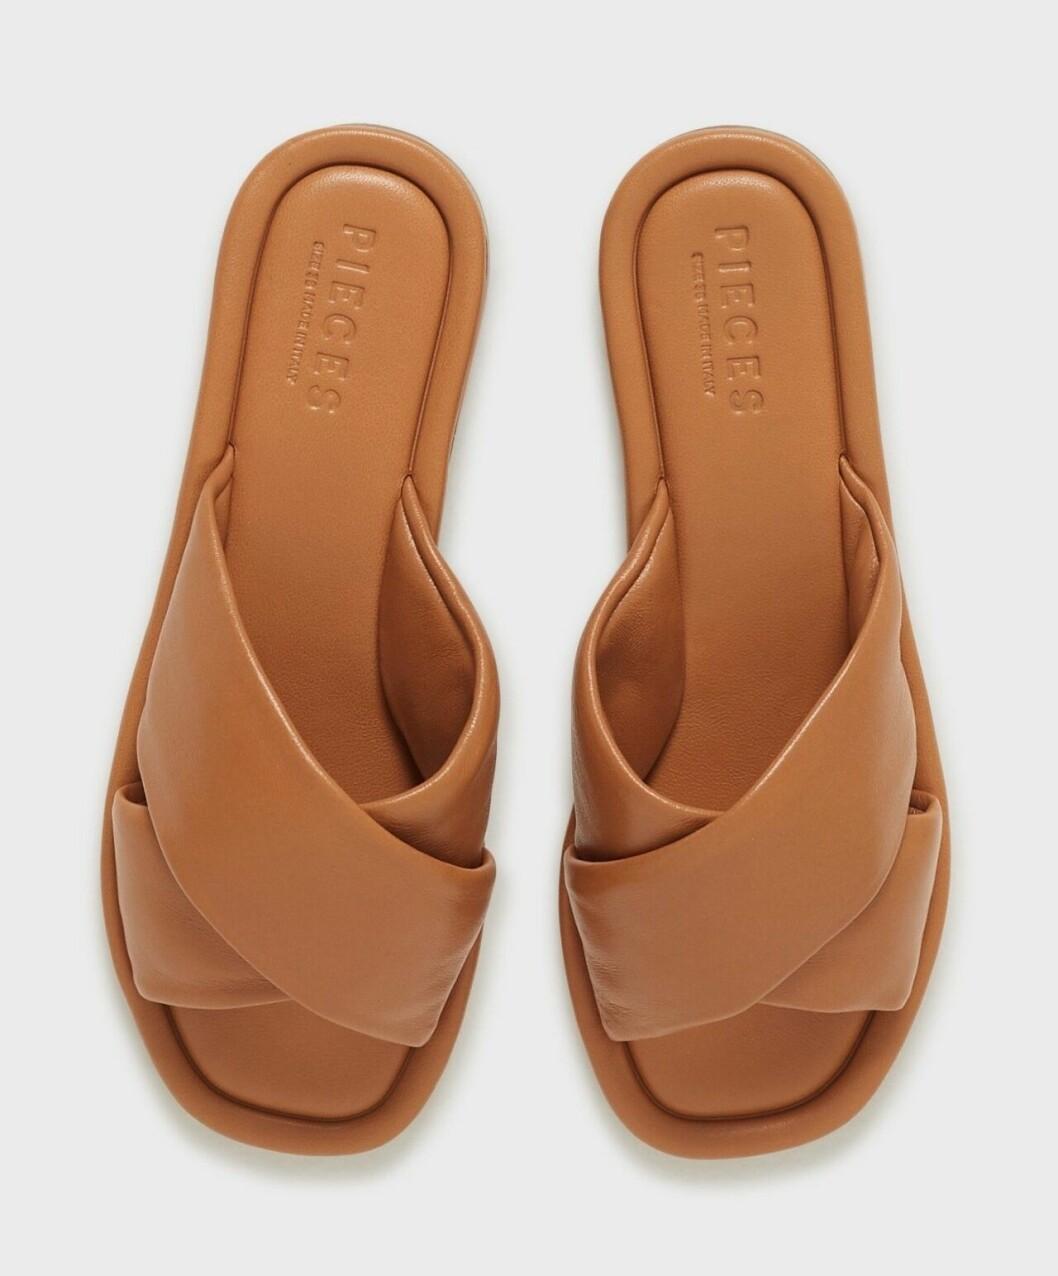 Bruna sandaler med breda remmar för dam till 2020